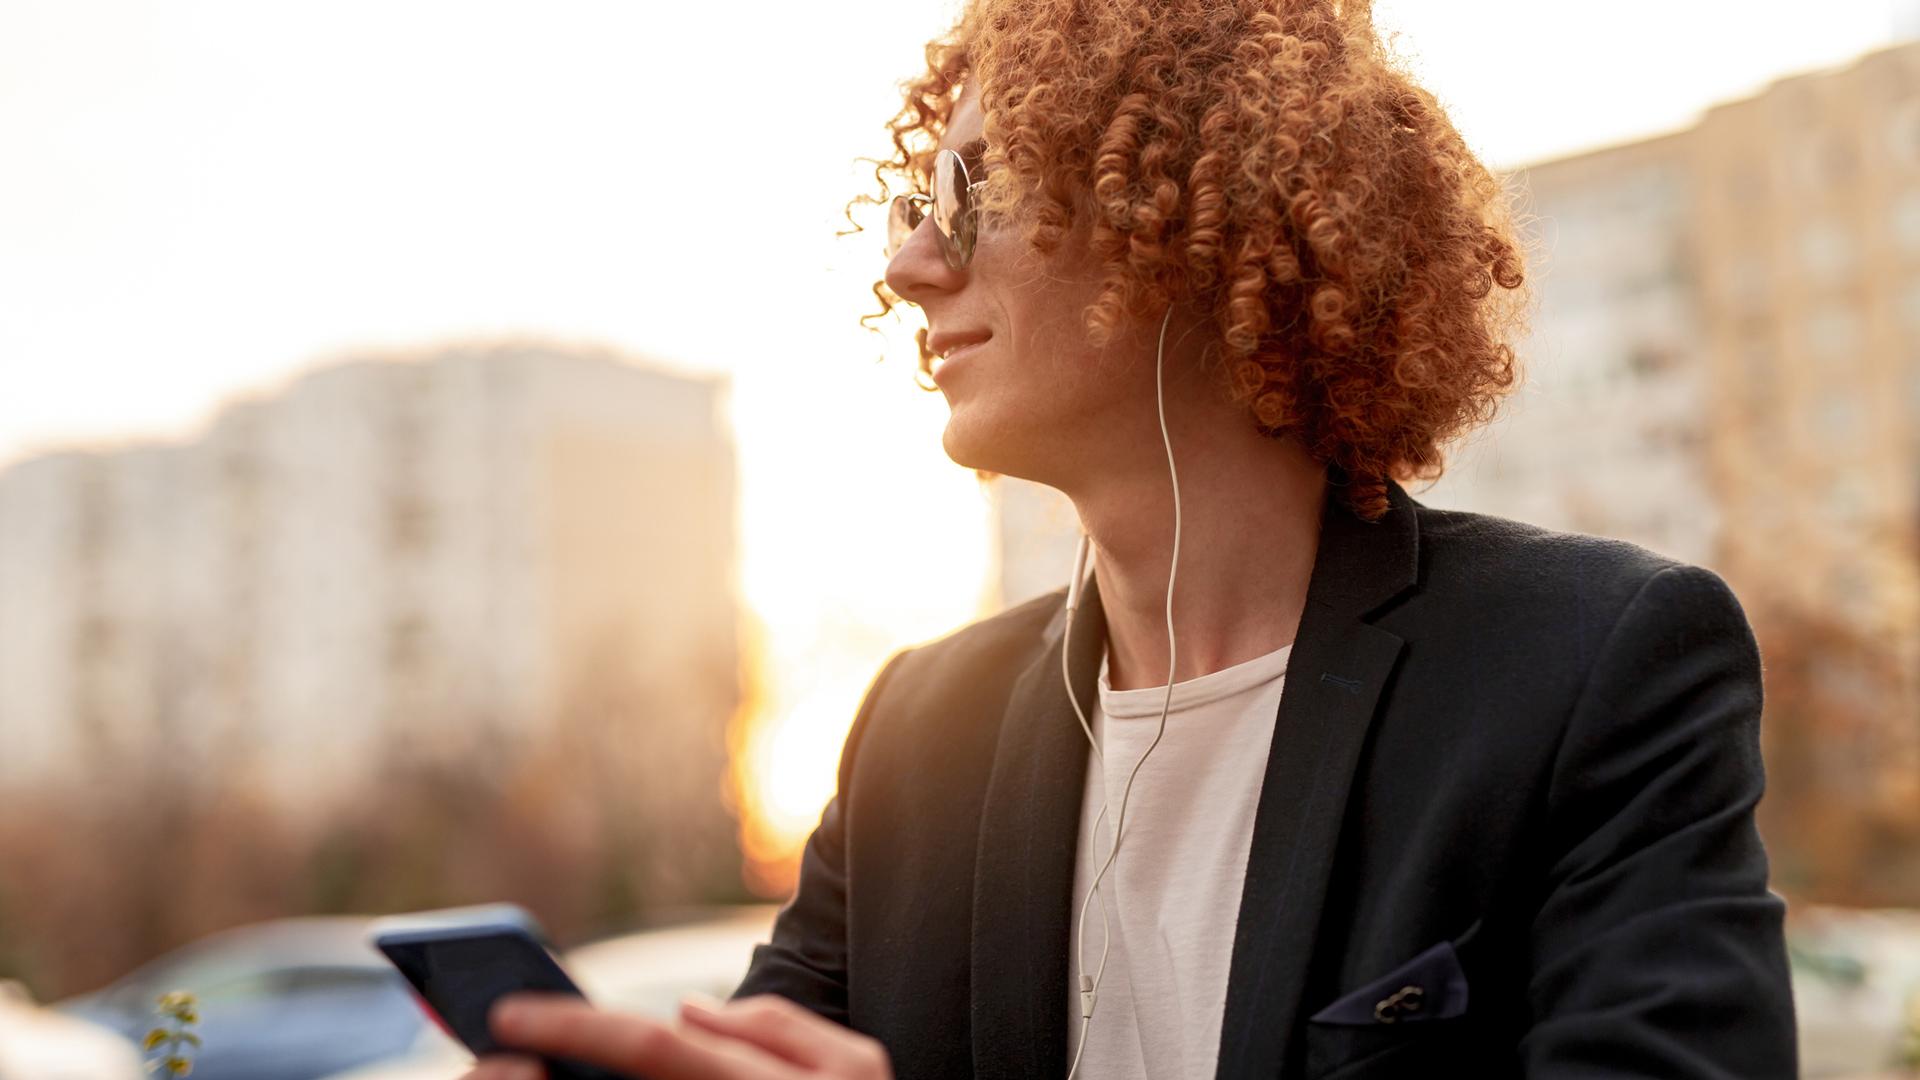 Ein Mann mit Sonnenbrille ist draußen unterwegs und hört per Kopfhörer etwas auf seinem Handy an.